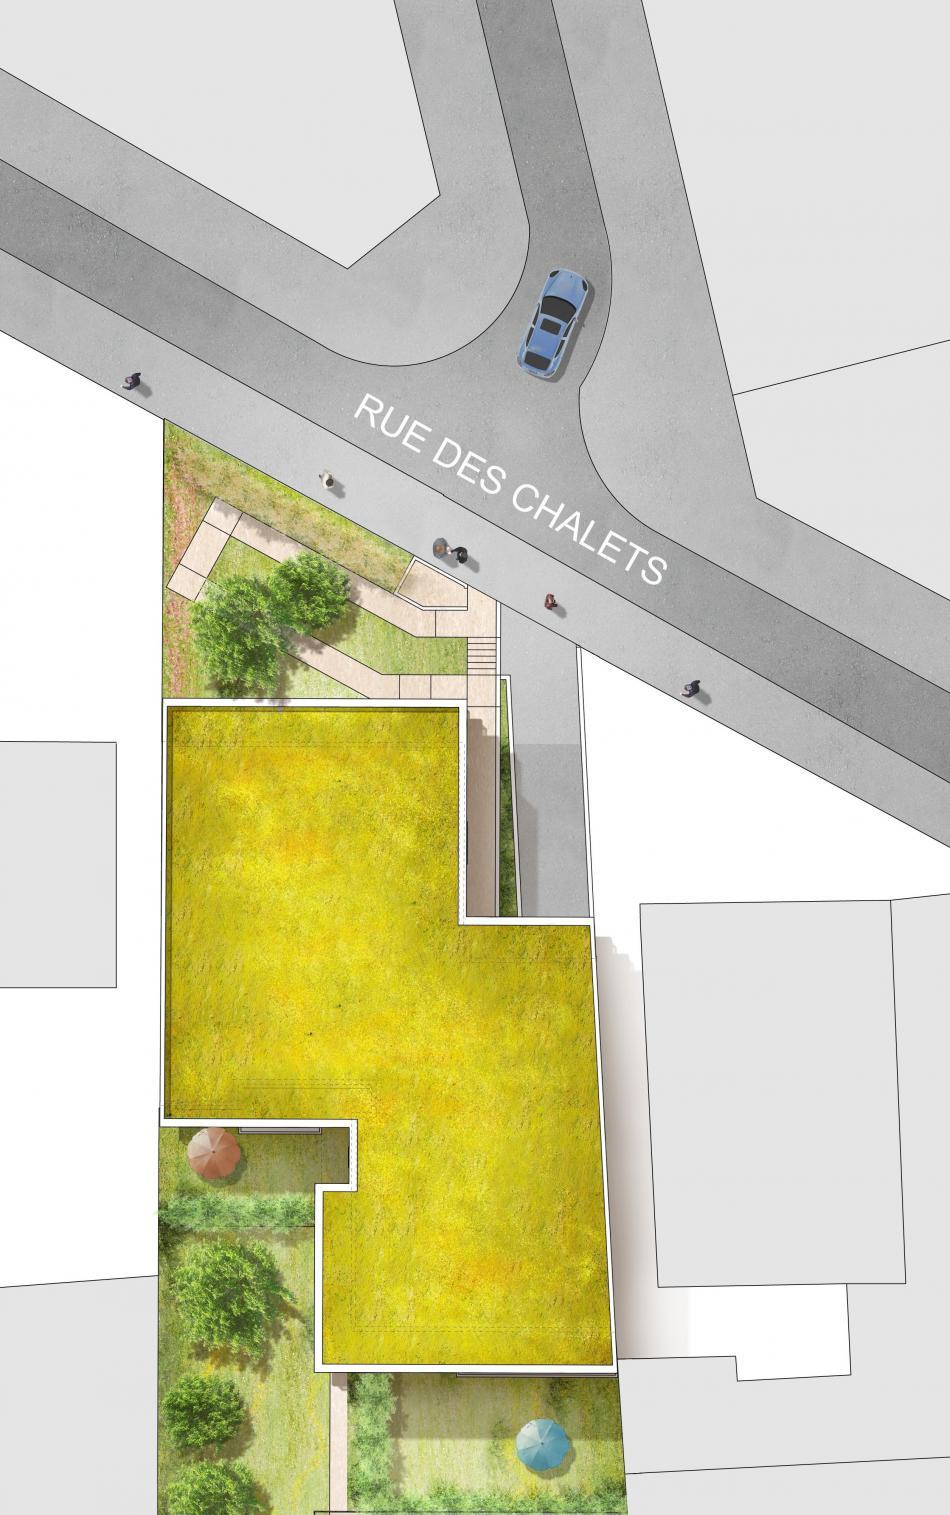 Plan de masse le Cours Chalets à Toulouse